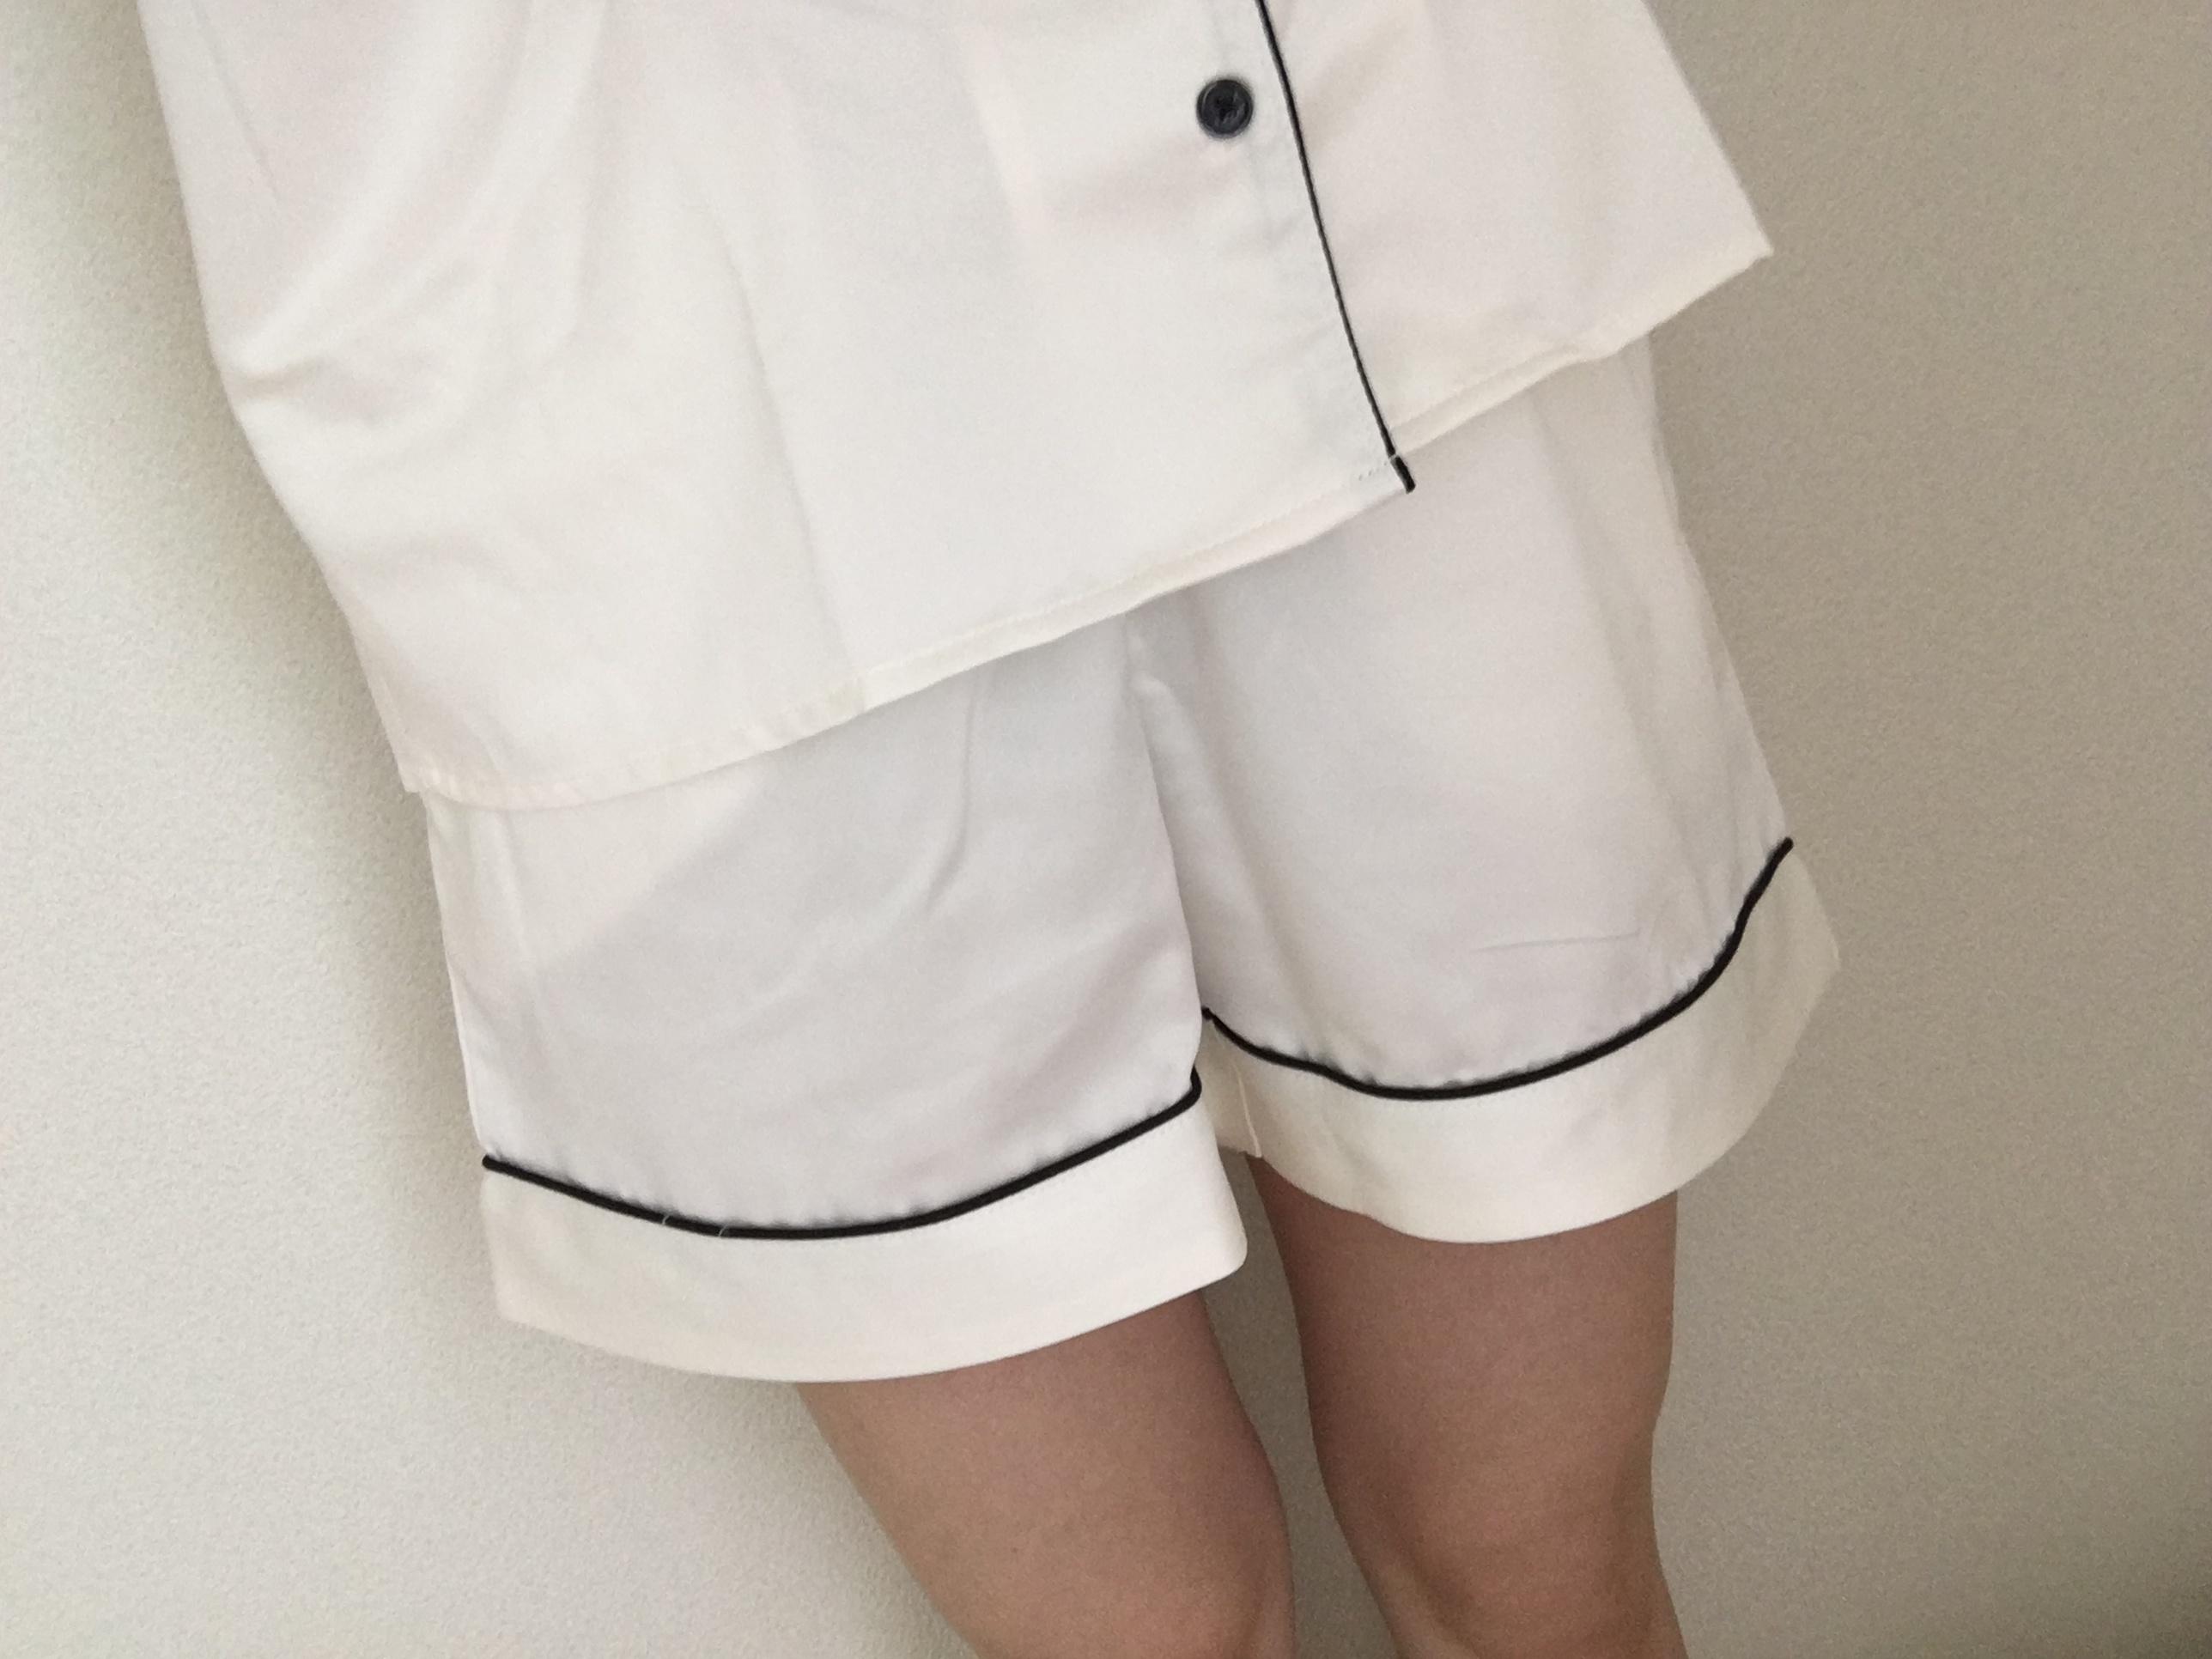 ★やっぱりパジャマは【GU】で!2490円でサテンの高見えパジャマはいかがですか??_3